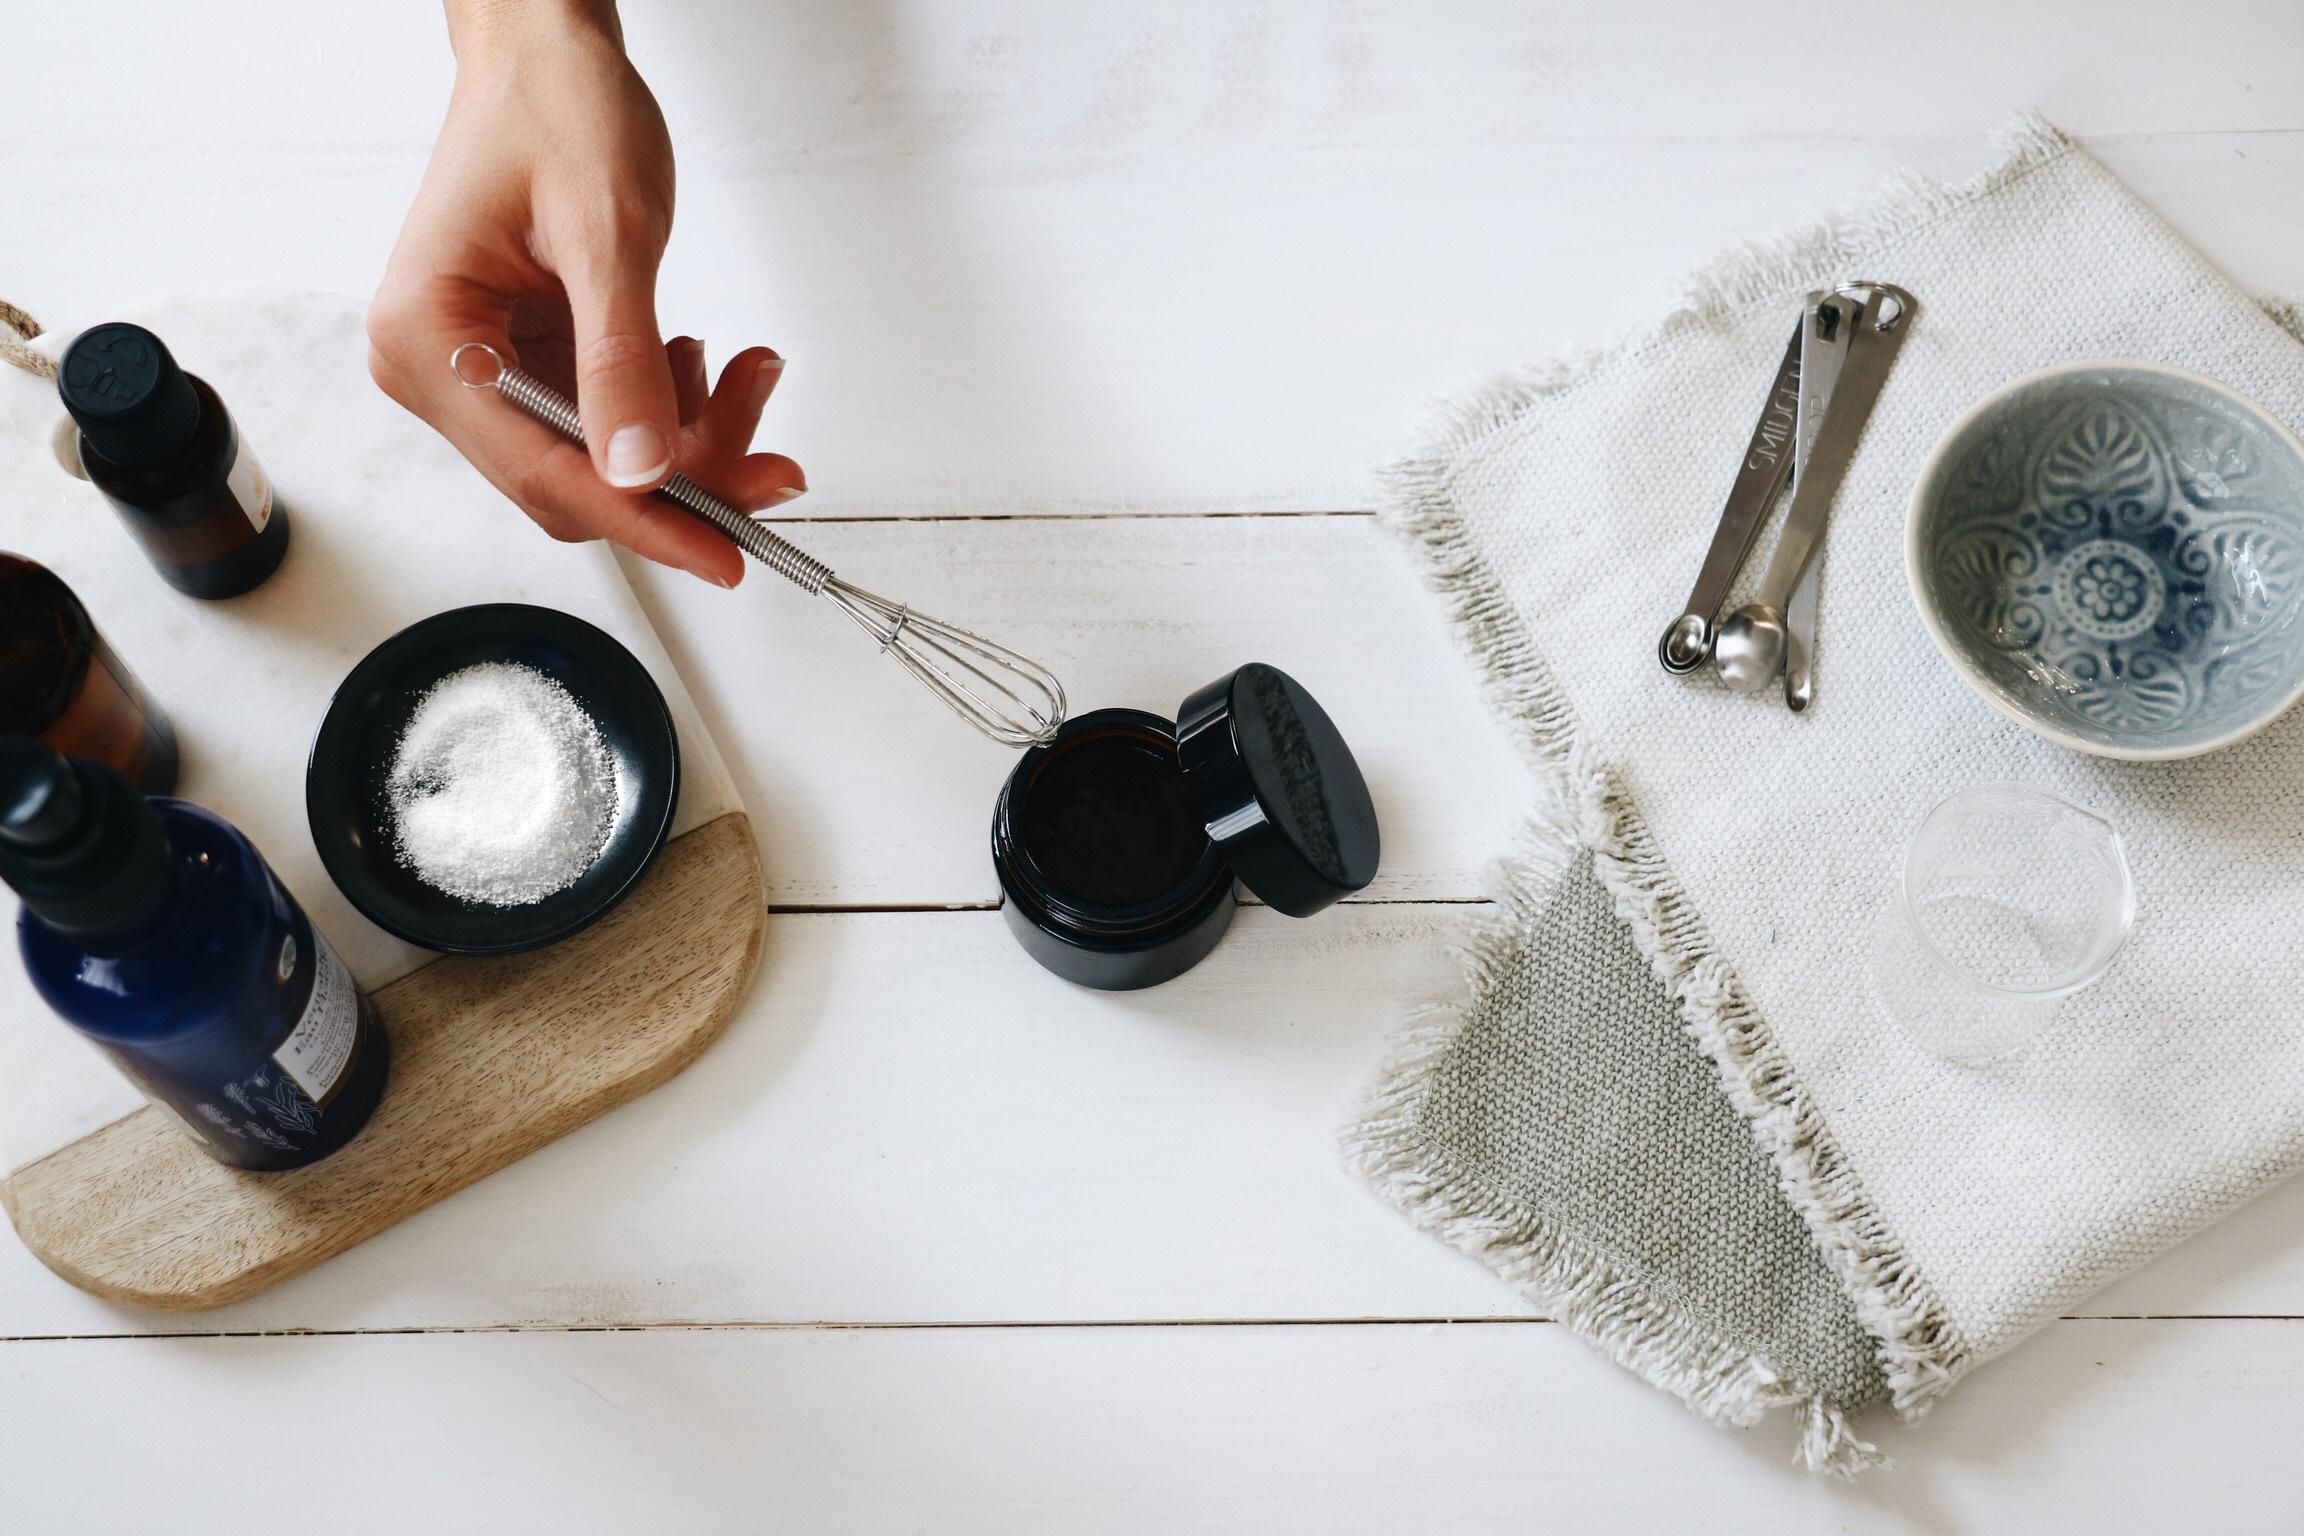 diy masque peeling naturel le meilleur masque visage au monde naturellement lyla l blog. Black Bedroom Furniture Sets. Home Design Ideas